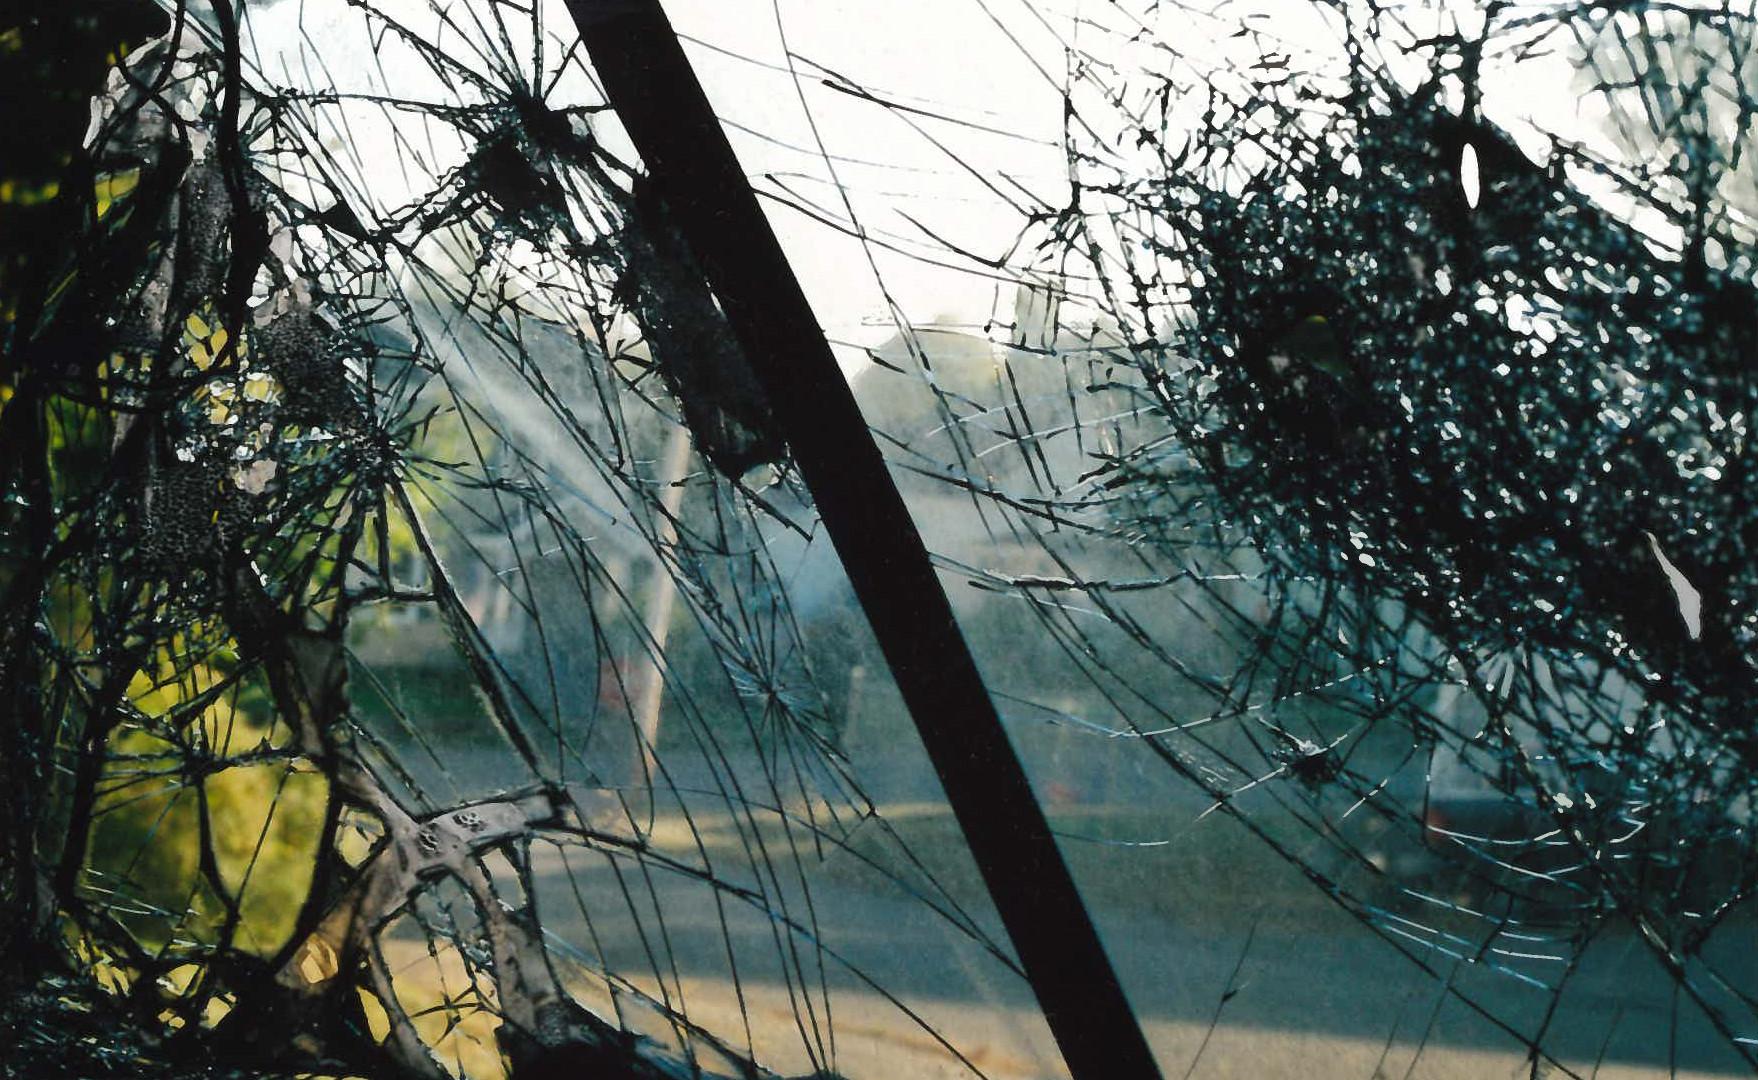 Spider-glass